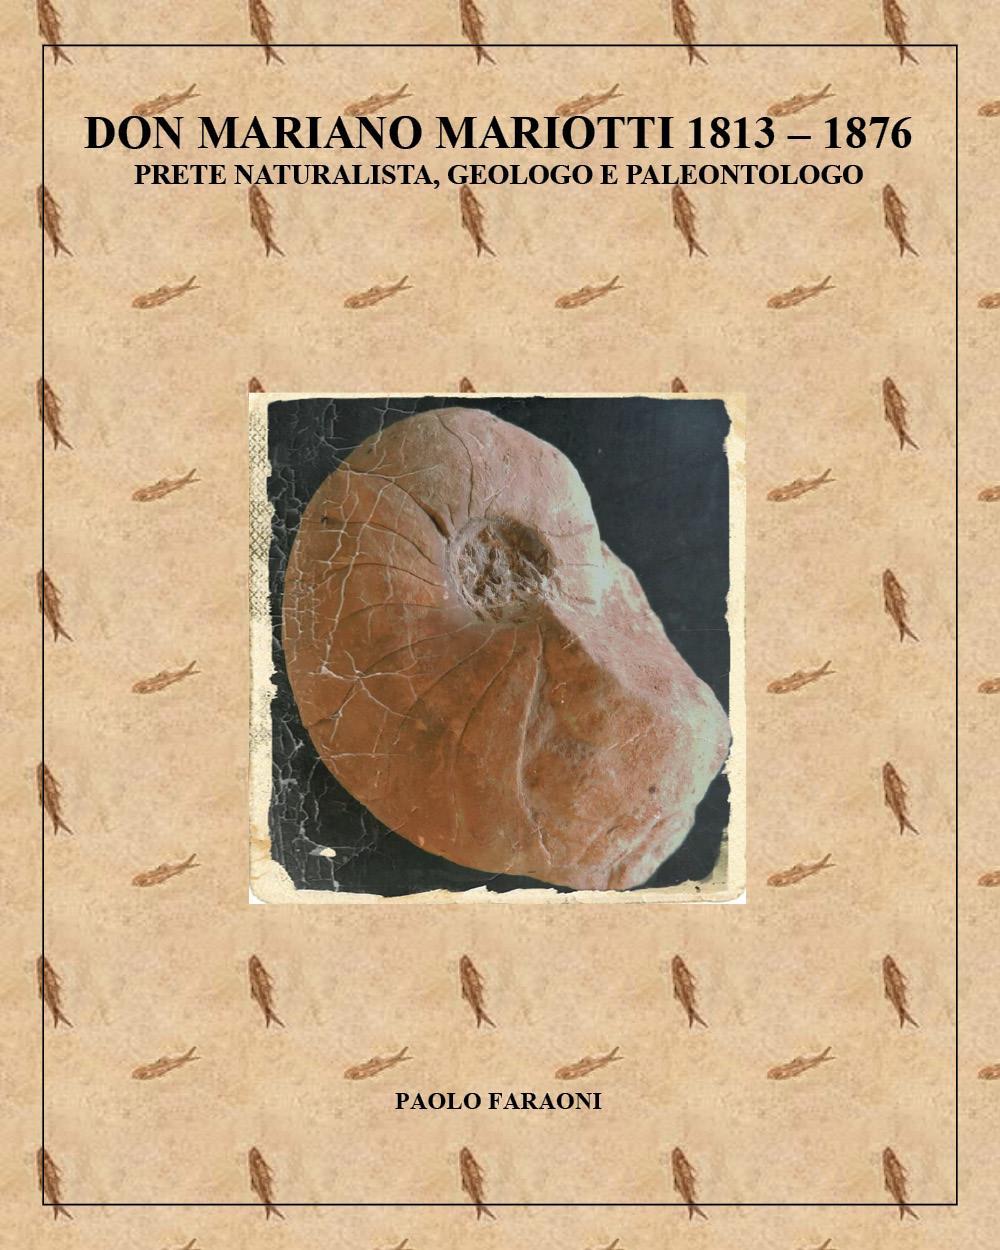 Don Mariano Mariotti (1813-1876) prete naturalista, geologo e paleontologo